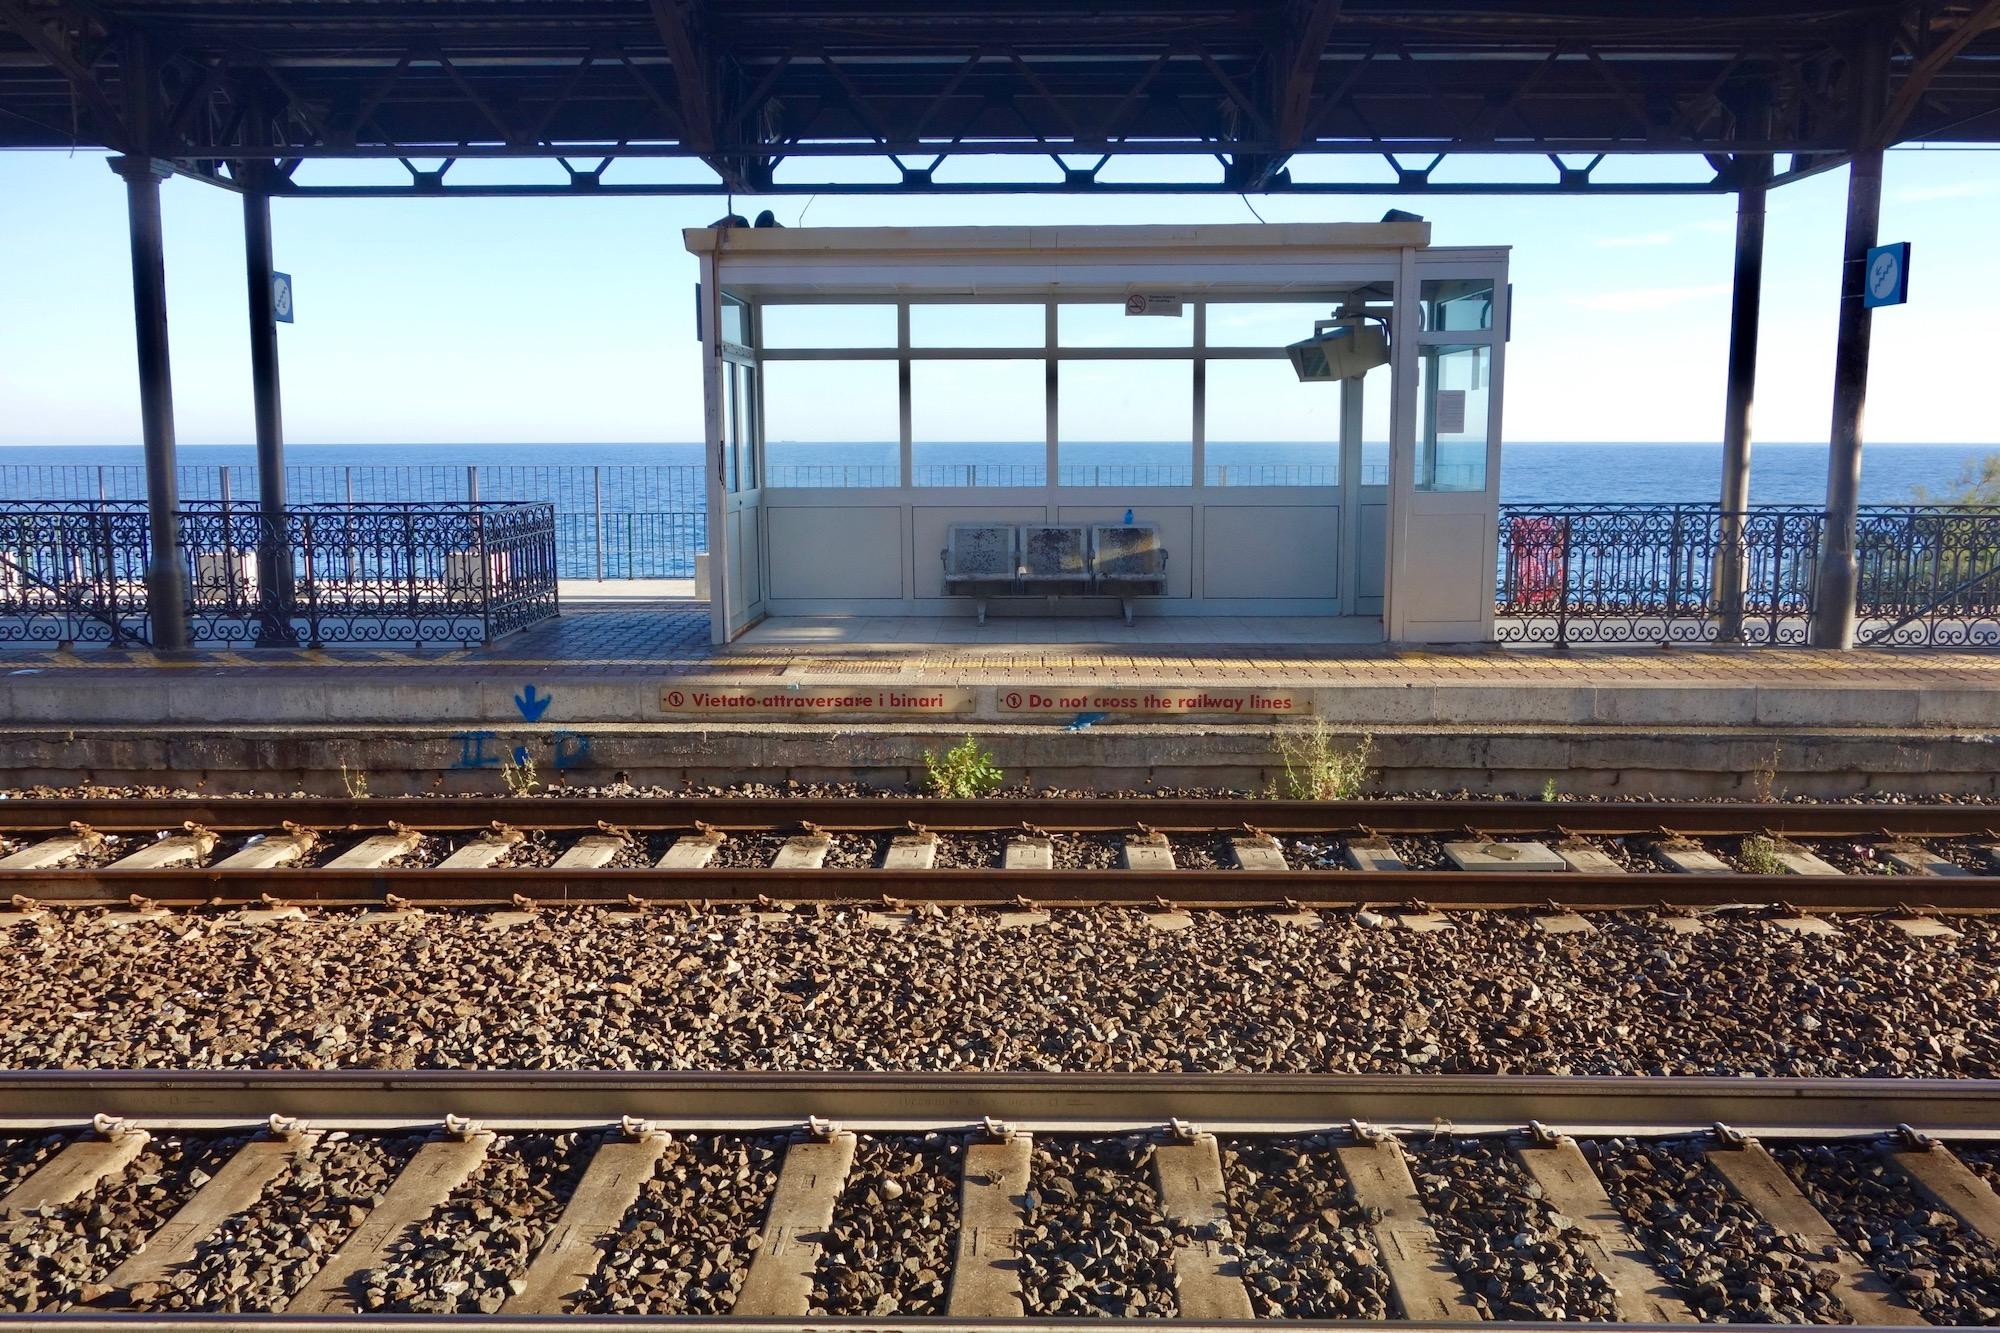 Ein Bahnhof irgendwo in Ligurien